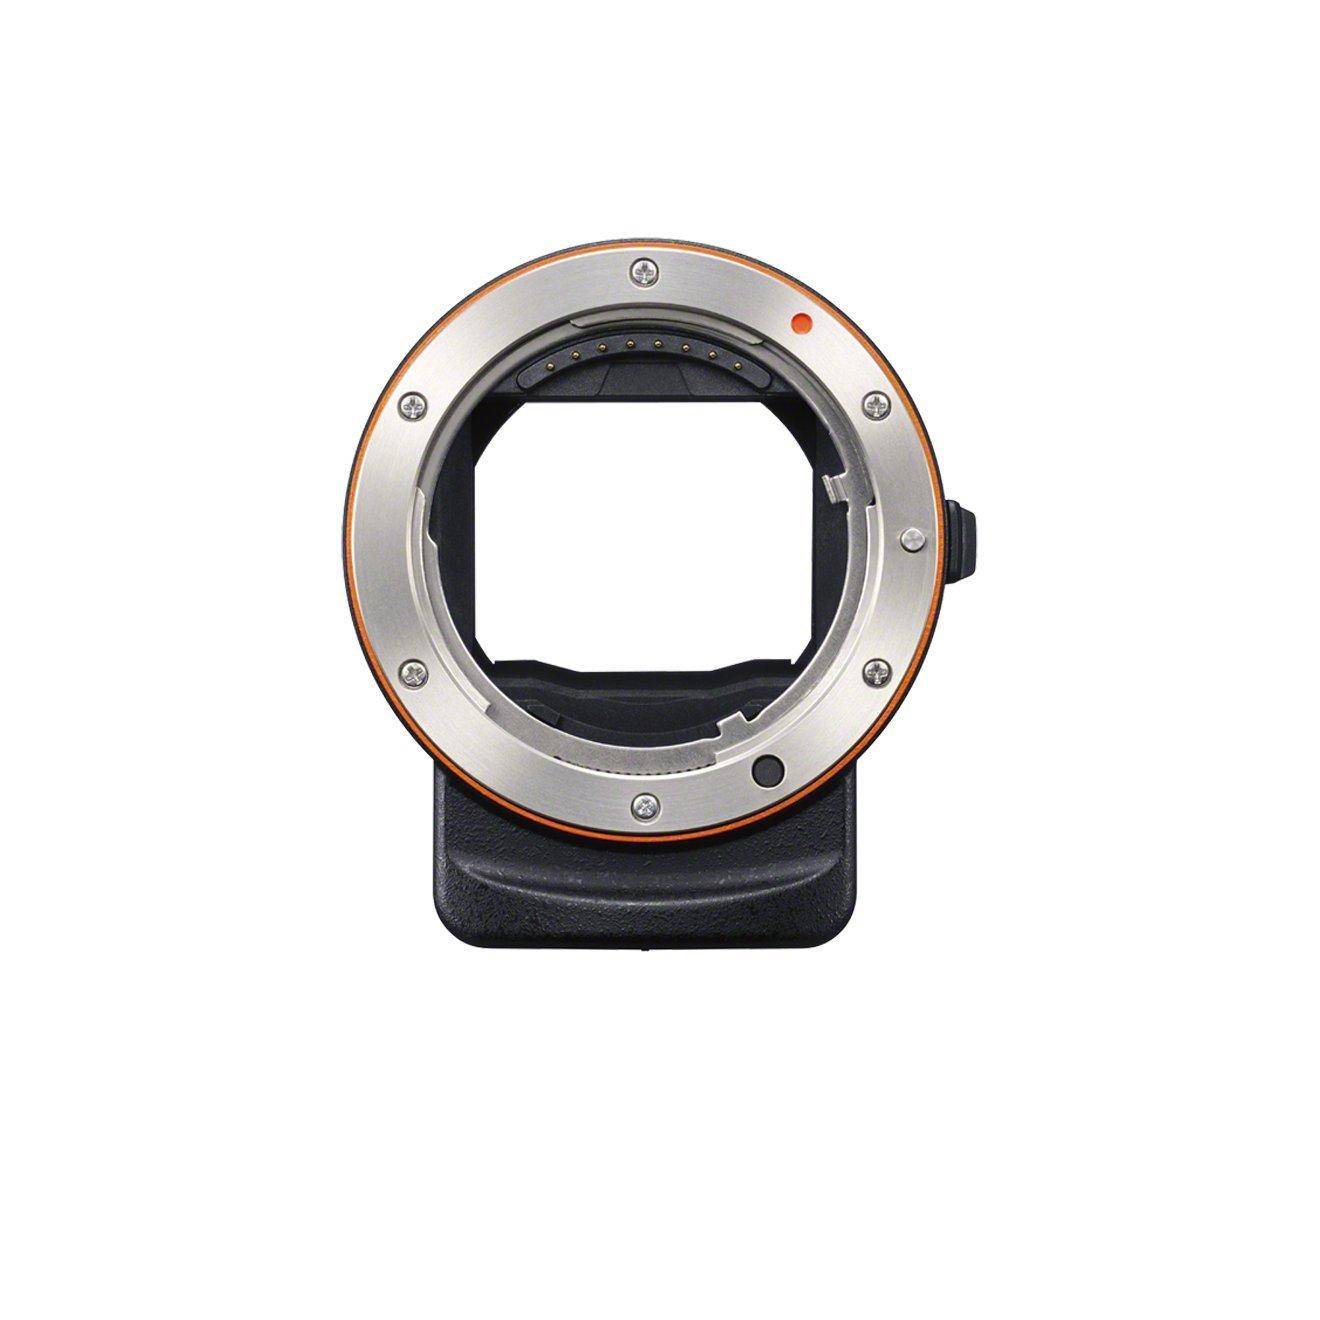 Sony LAEA3 - Adaptador para objetivos de cámaras (35 mm), negro ...